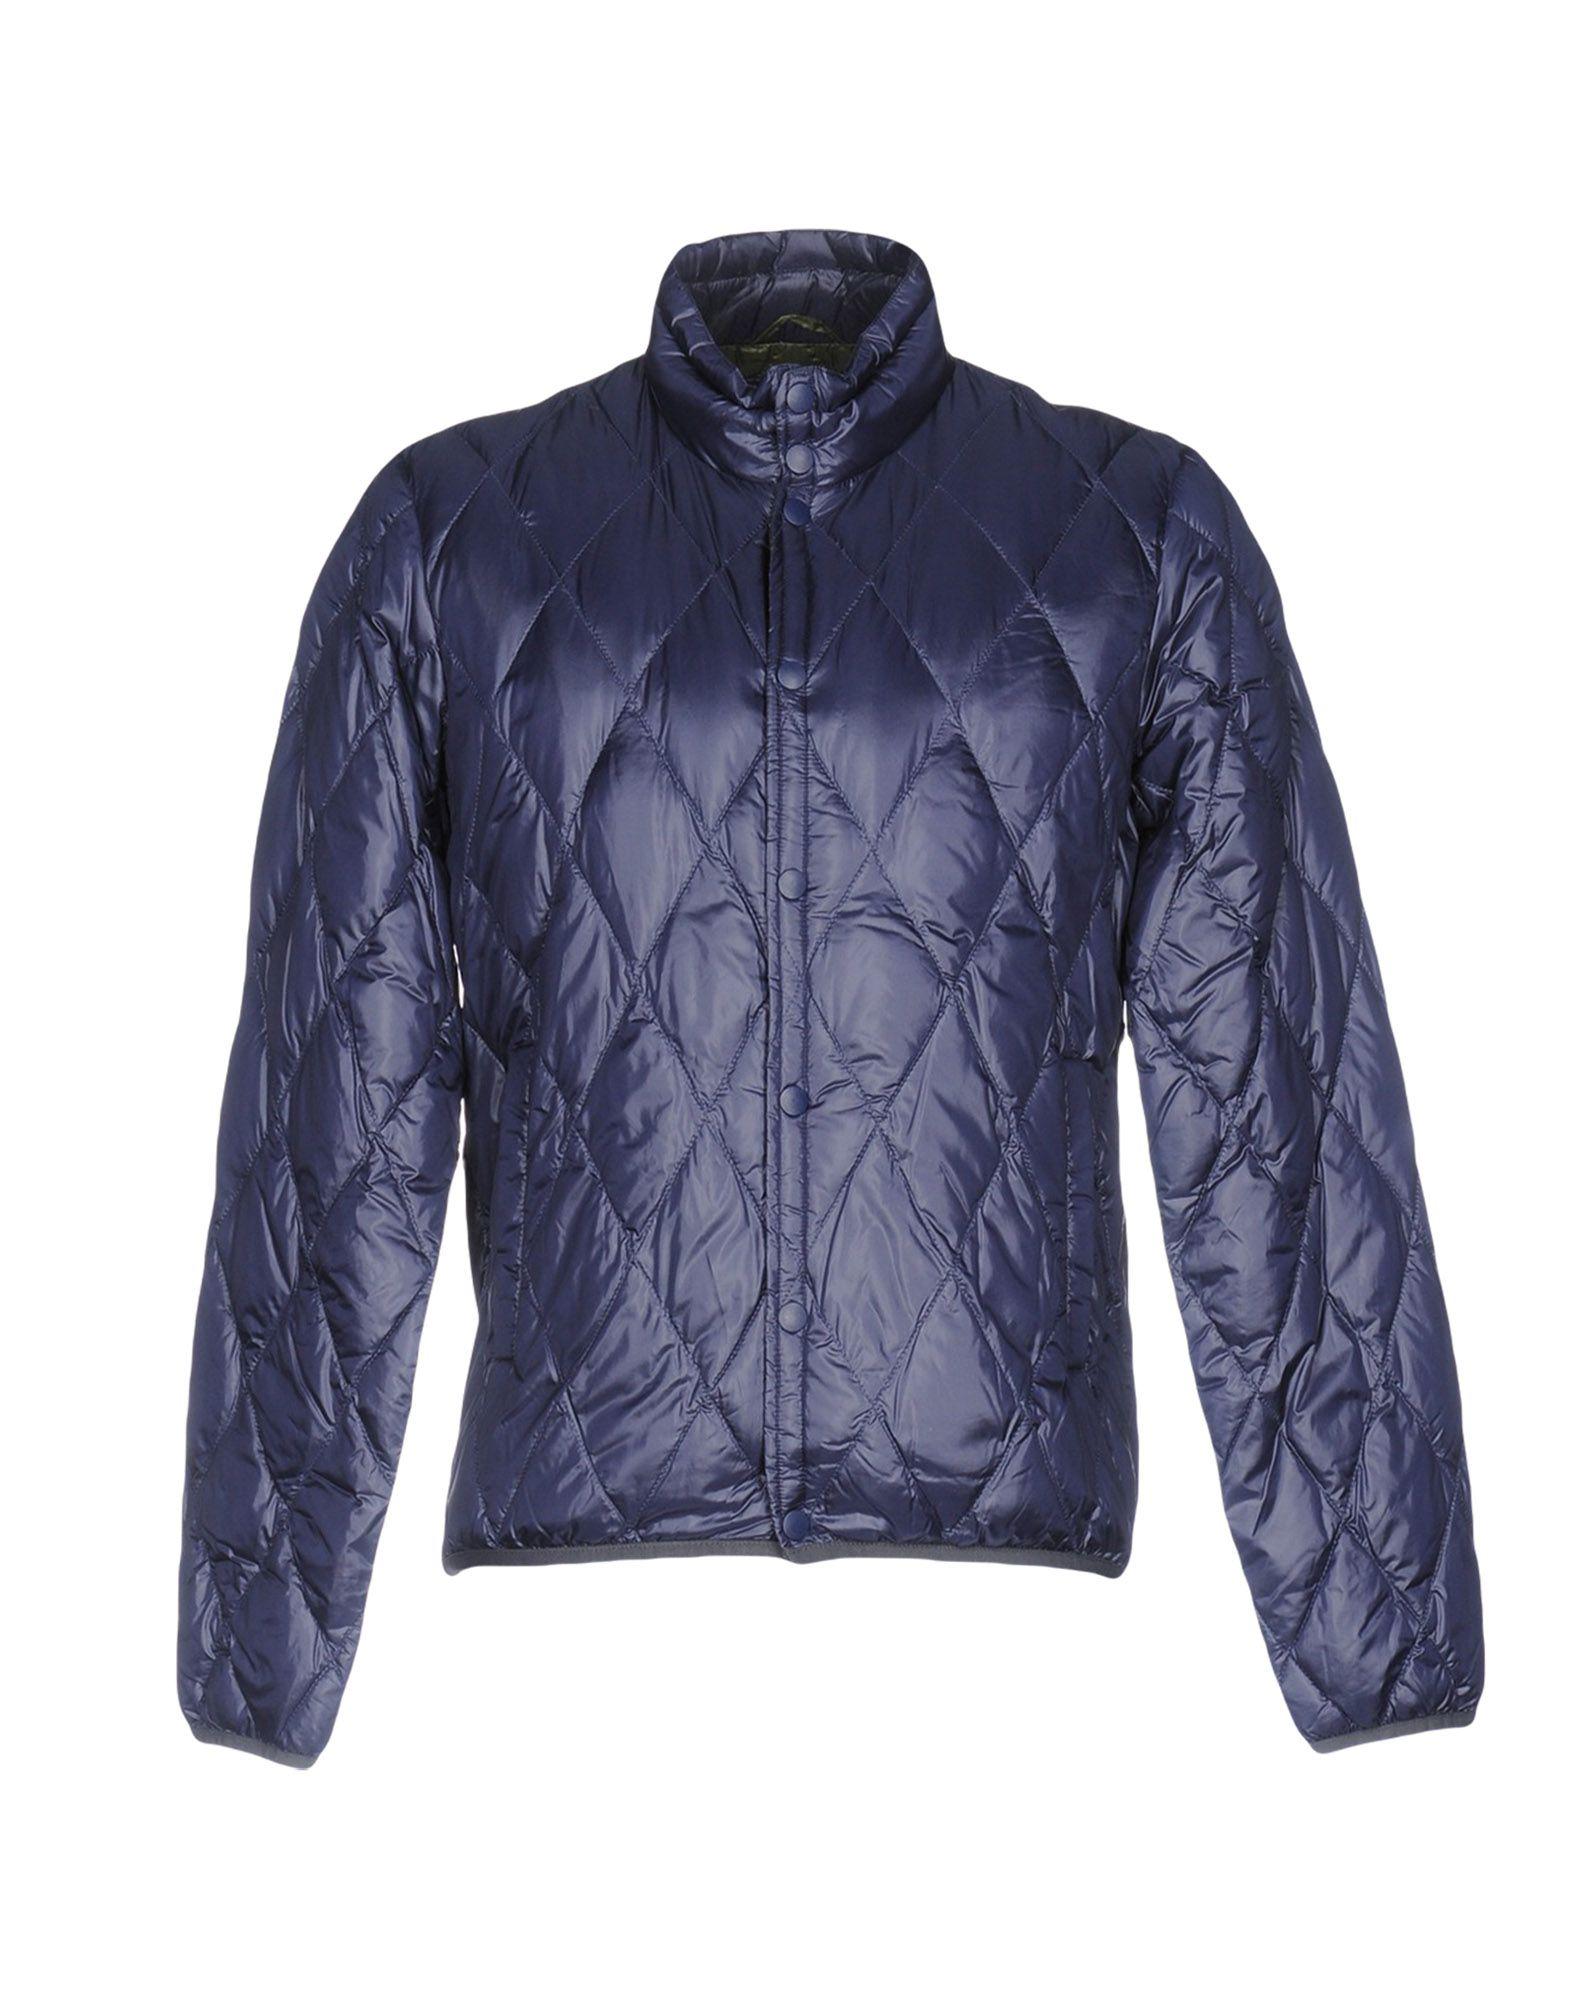 《送料無料》BPD BE PROUD OF THIS DRESS メンズ ダウンジャケット ダークブルー S ナイロン 100%